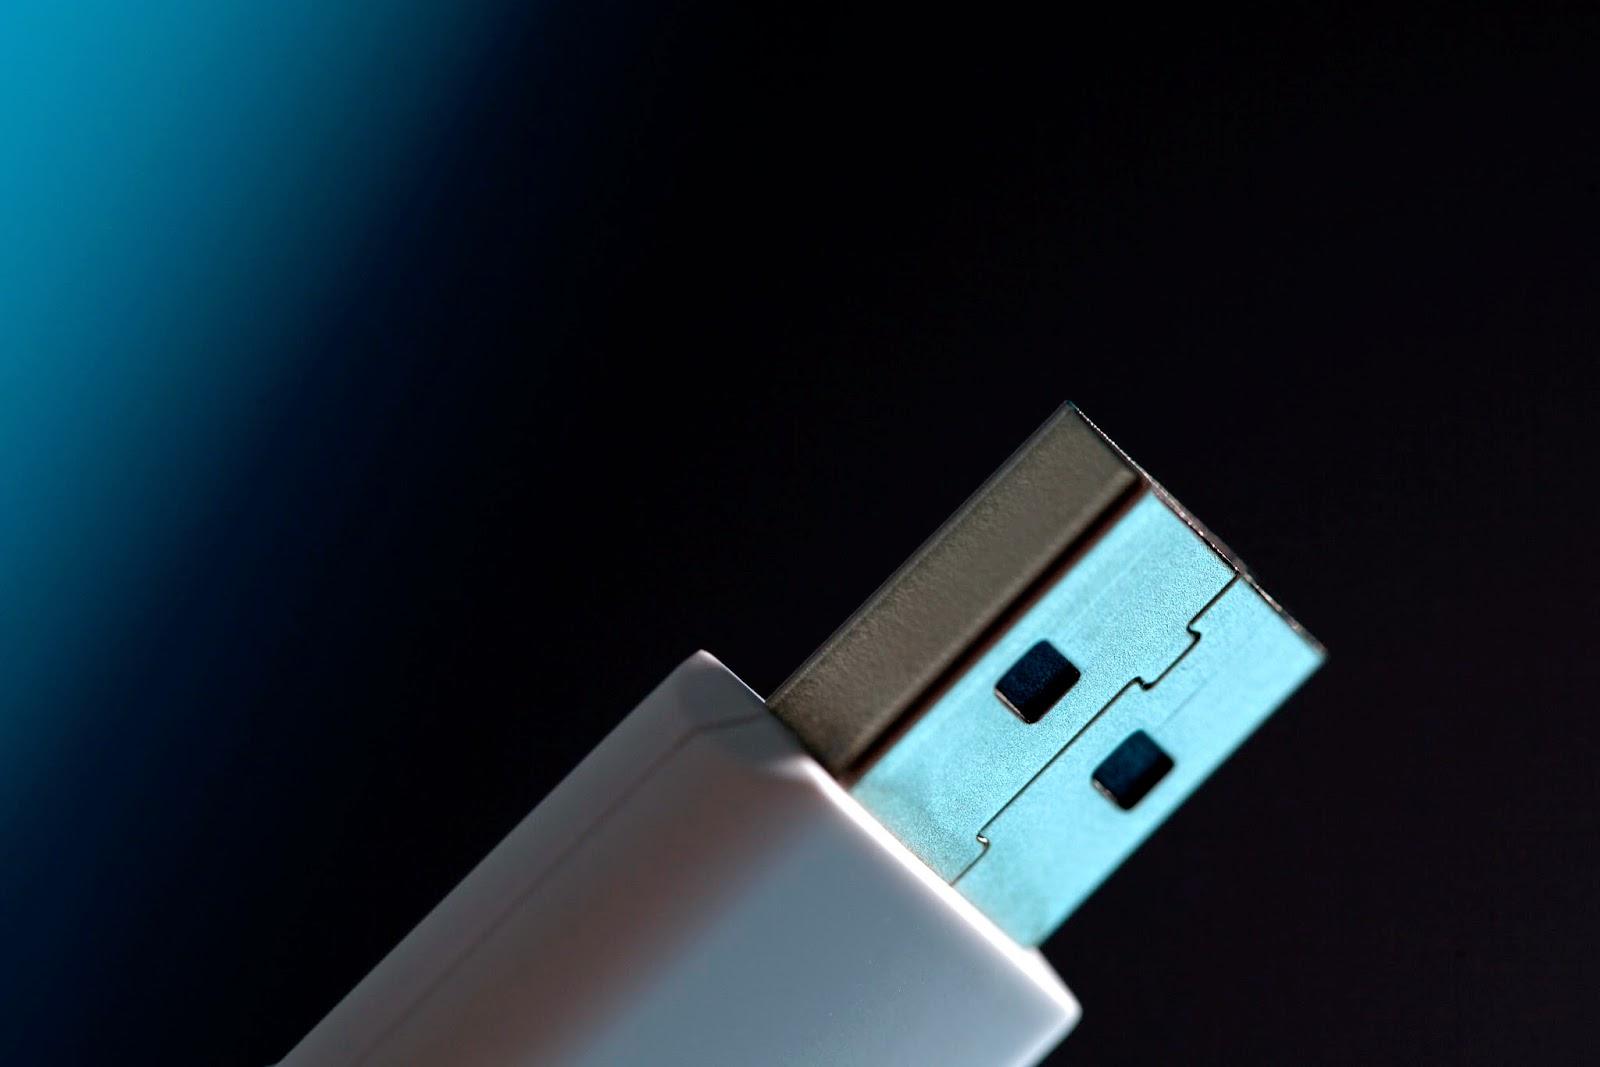 """Karsten Nohl e Jakob Lell construíram provas de conceito indicando que é possível contaminar uma unidade USB sem tocar na memória flash, focando apenas no firmware que controla suas funções.  Isso significa que nem a varredura mais completa encontraria o arquivo malicioso, e que qualquer coisa que use saída USB pode ser infectada - incluindo periféricos como teclado e mouse, além de pendrives.  Eles conseguiram colocar malwares nos chips usados para conectar um dispositivo ao computador e esses arquivos maliciosos são capazes de controlar funções e alterar pastas, além de direcionar o tráfego da internet a sites de interesse do atacante. Tudo sem serem notados.  O USB pode infectar o computador ou ser infectado por ele, e em nenhum dos casos o usuário comum tem chance de descobrir. Apenas um especialista com conhecimentos em engenharia reversa poderia encontrar o problema, mas só se estivesse procurando - e o firmware não costuma levantar suspeitas.  Os pesquisadores mostrarão como isso funciona durante a Black Hat, conferência anual sobre segurança que ocorre na semana que vem em Las Vegas, na intenção de estimular as pessoas a tomarem cuidado com o USB, porque este é um problema sem solução.  O que Nohl e Lell pretendem com a divulgação de suas descobertas é fazer um alerta para que as pessoas tratem dispositivos como pendrives da mesma forma que tratam seringas: cada um só pode usar o seu. É a única forma de garantir que não haverá complicações.  Nesta nova forma de pensar, você tem que considerar uma USB infectados e jogá-lo fora assim que ele toca em um computador não-confiável. """""""